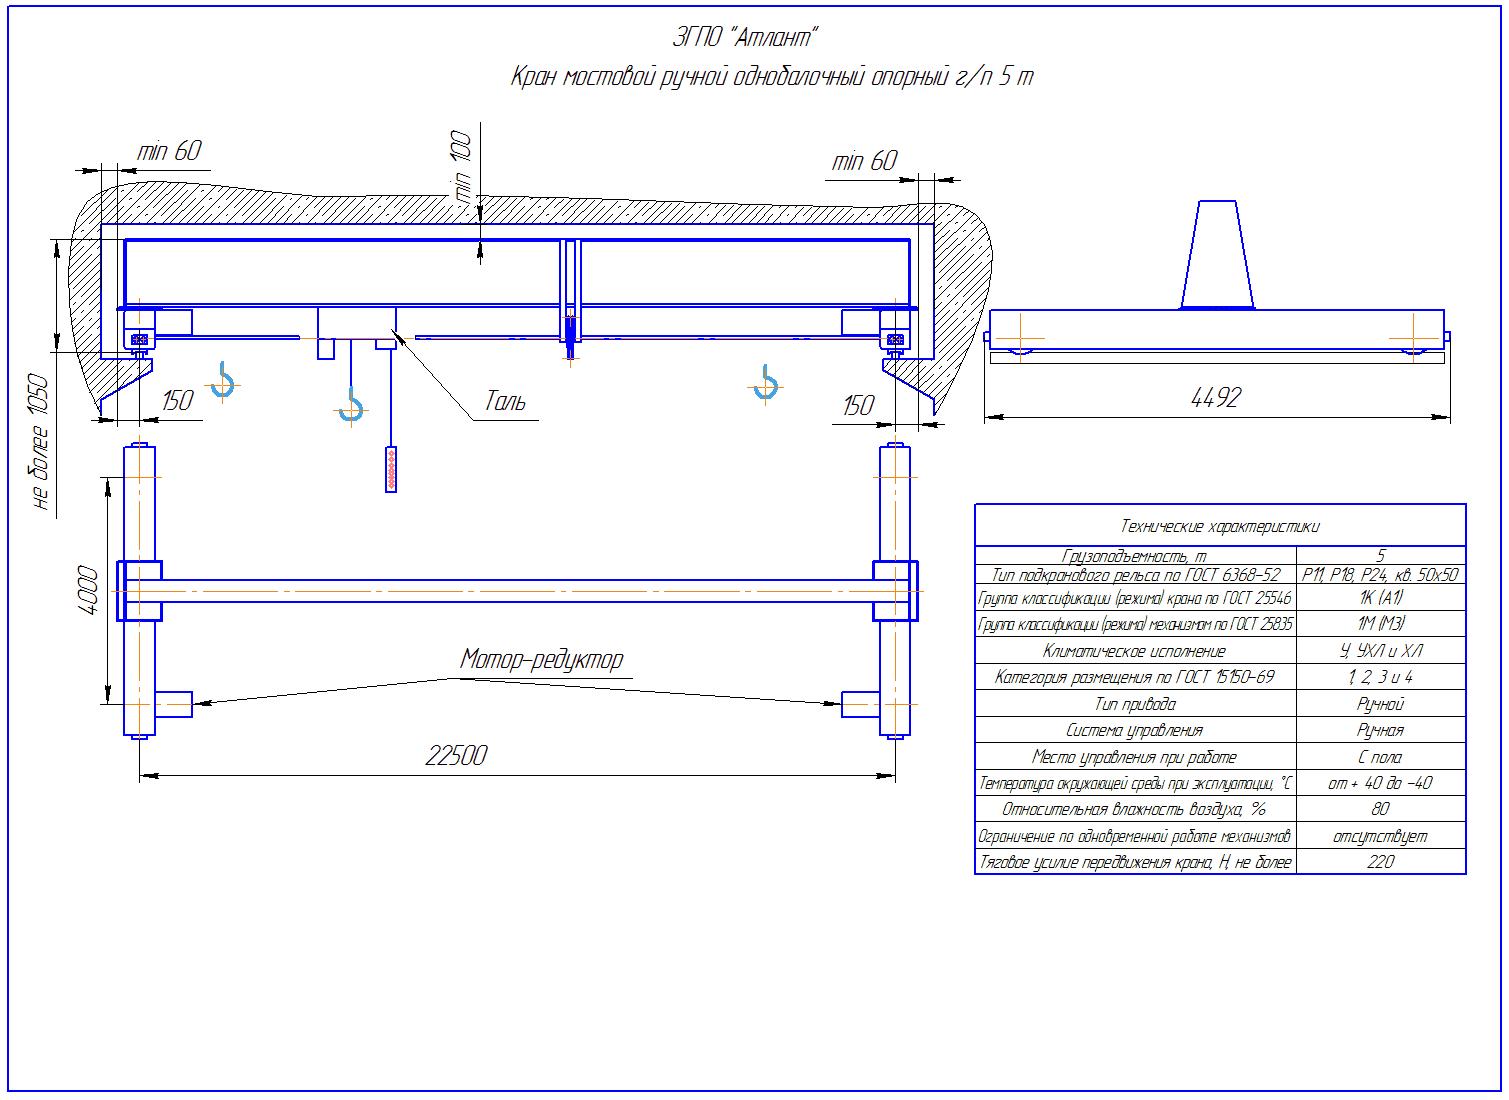 KRMOO 5 225 - Кран ручной мостовой опорный однобалочный